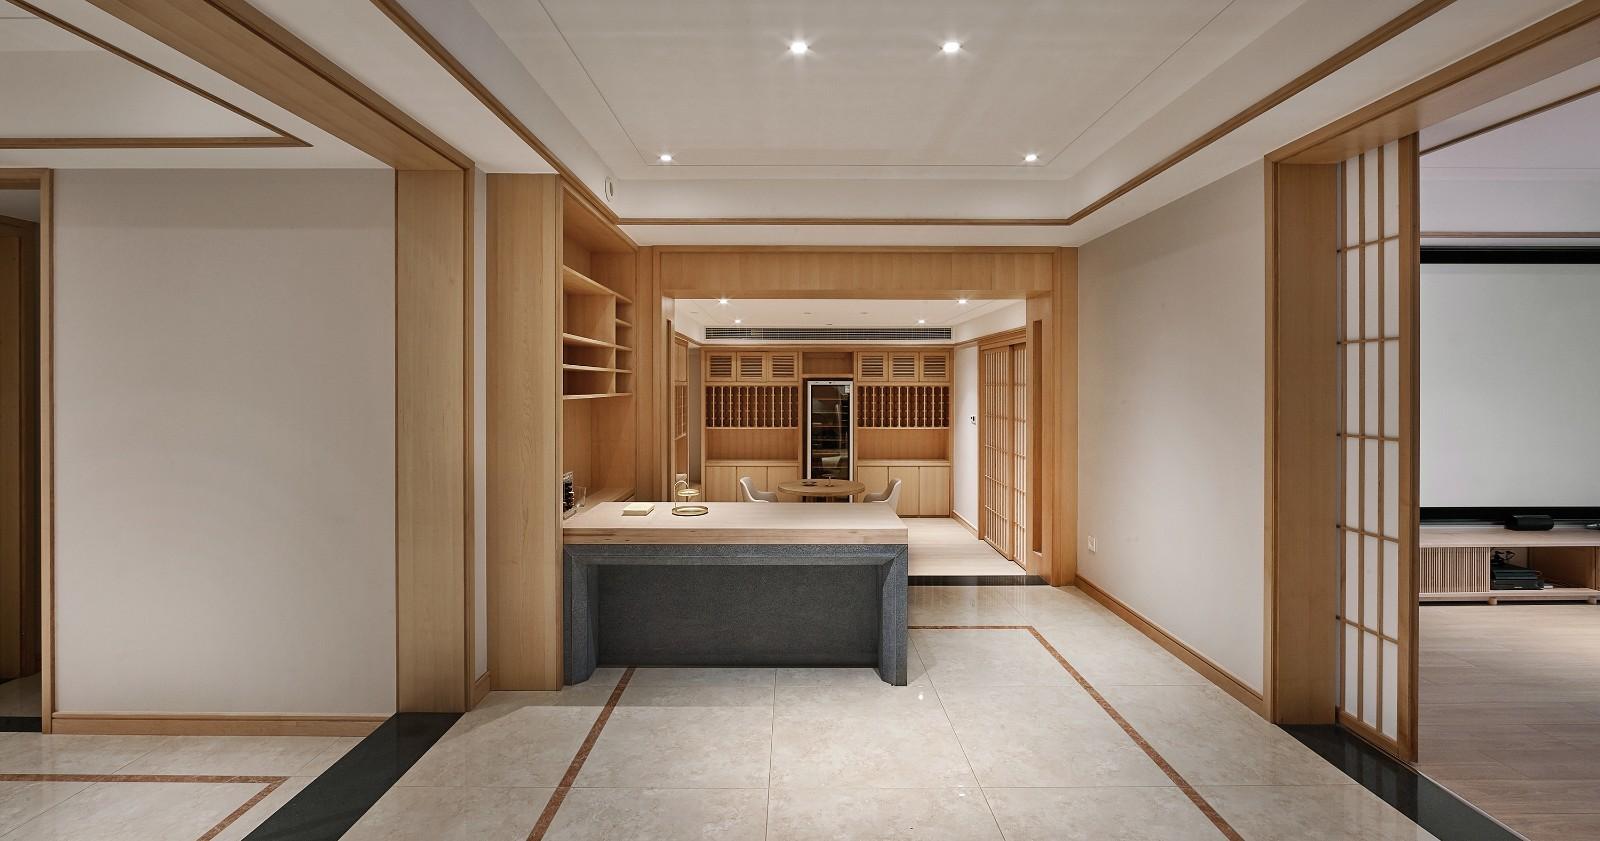 2020新中式书房装修设计 2020新中式榻榻米装修效果图大全